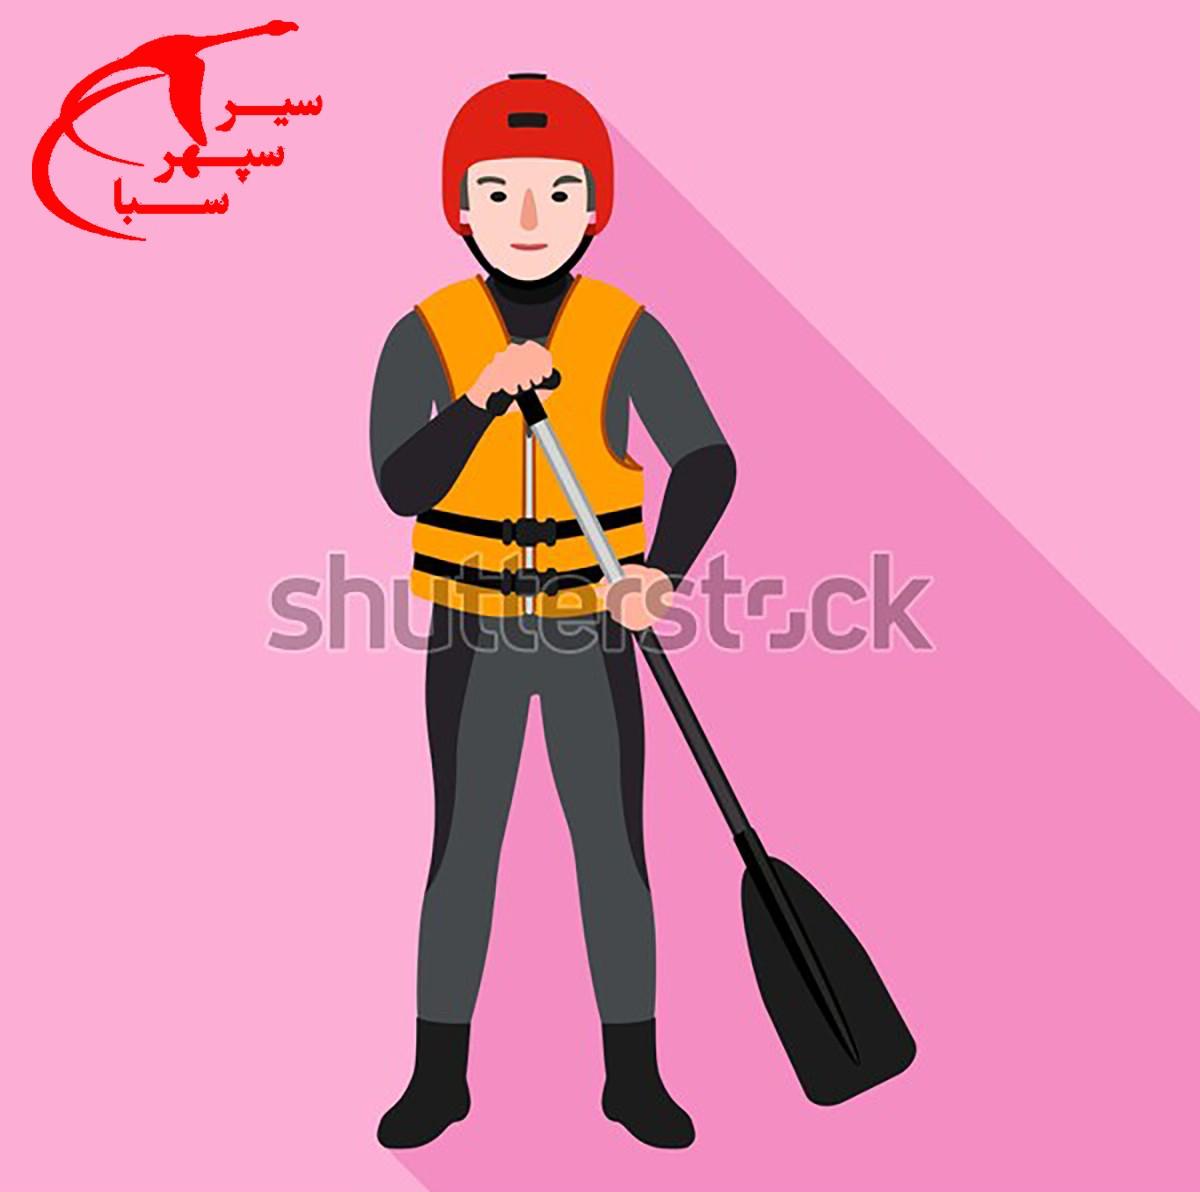 تجهیزات رفتینگ | کلاه ایمنی | پارو | لباس های شنا